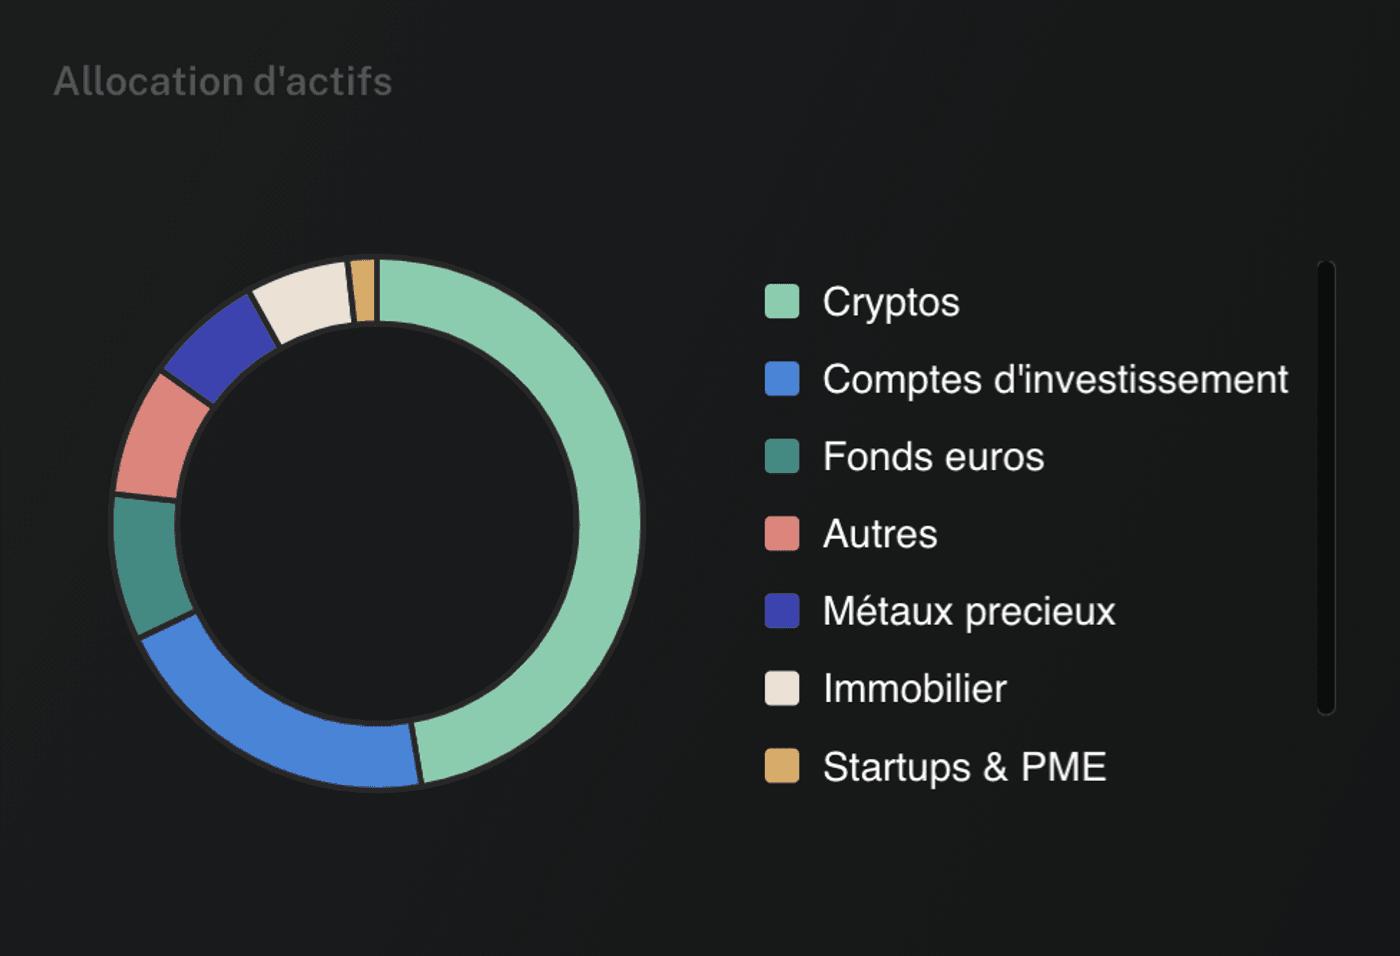 Capture d'écran graphique allocation d'actifs Finary